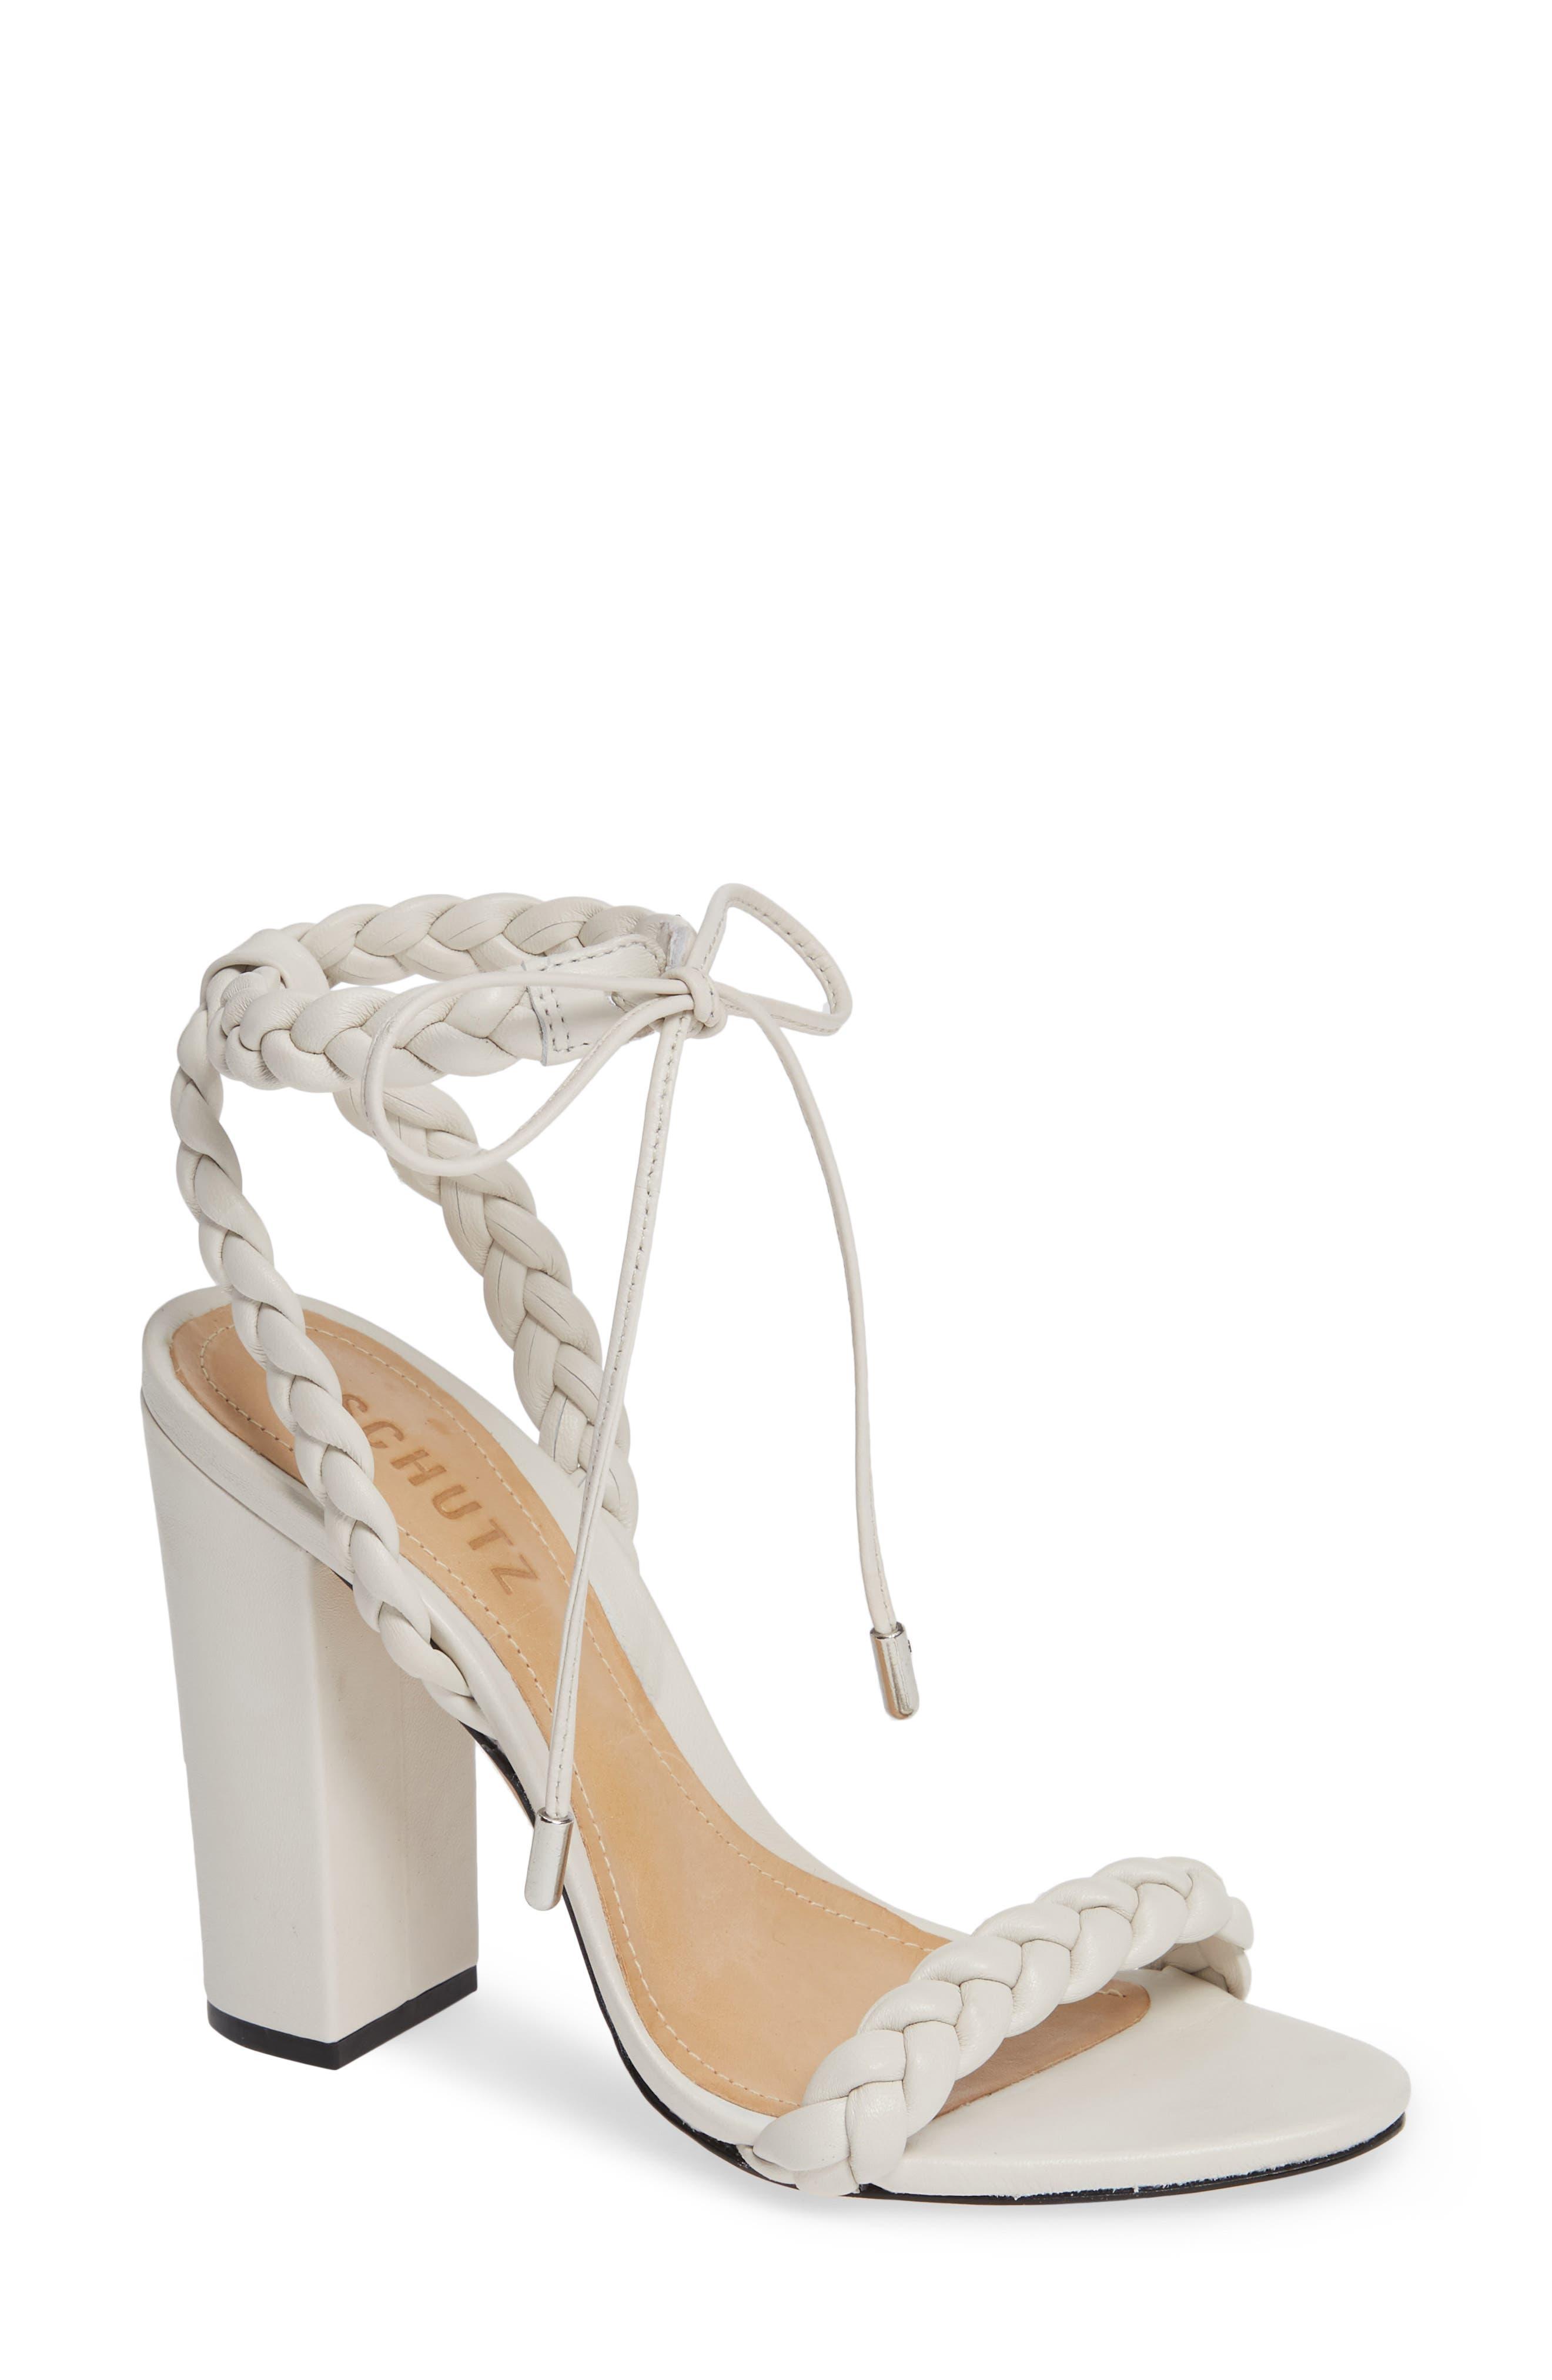 Lainna Braided Strap Sandal,                             Main thumbnail 1, color,                             PEARL